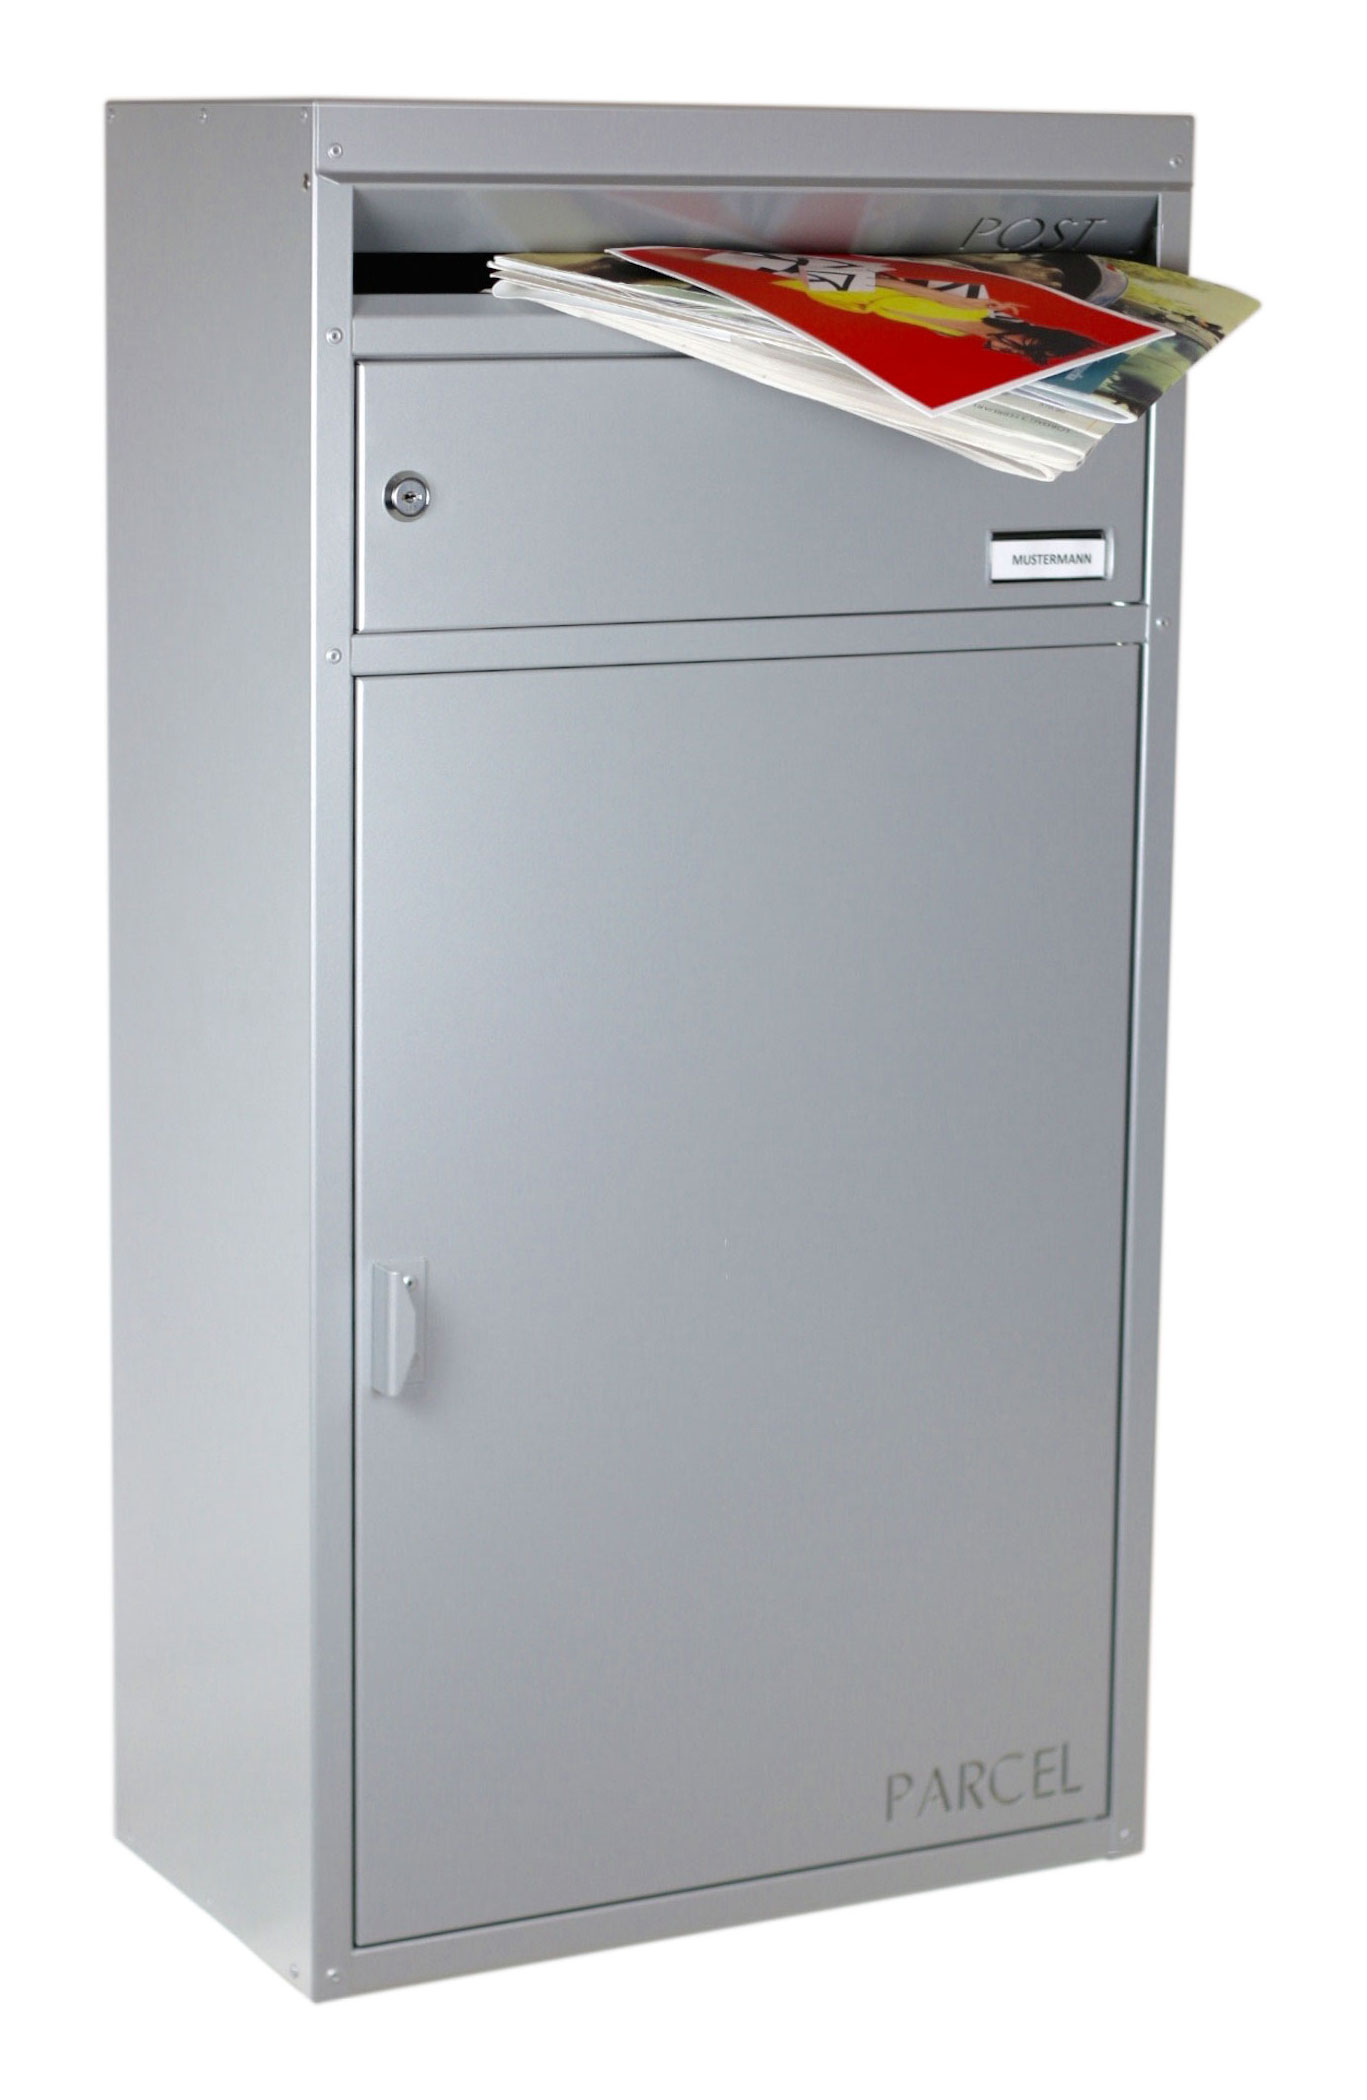 Briefkasten / Paketbriefkasten ScanPro 65 silbergrau Bild 2